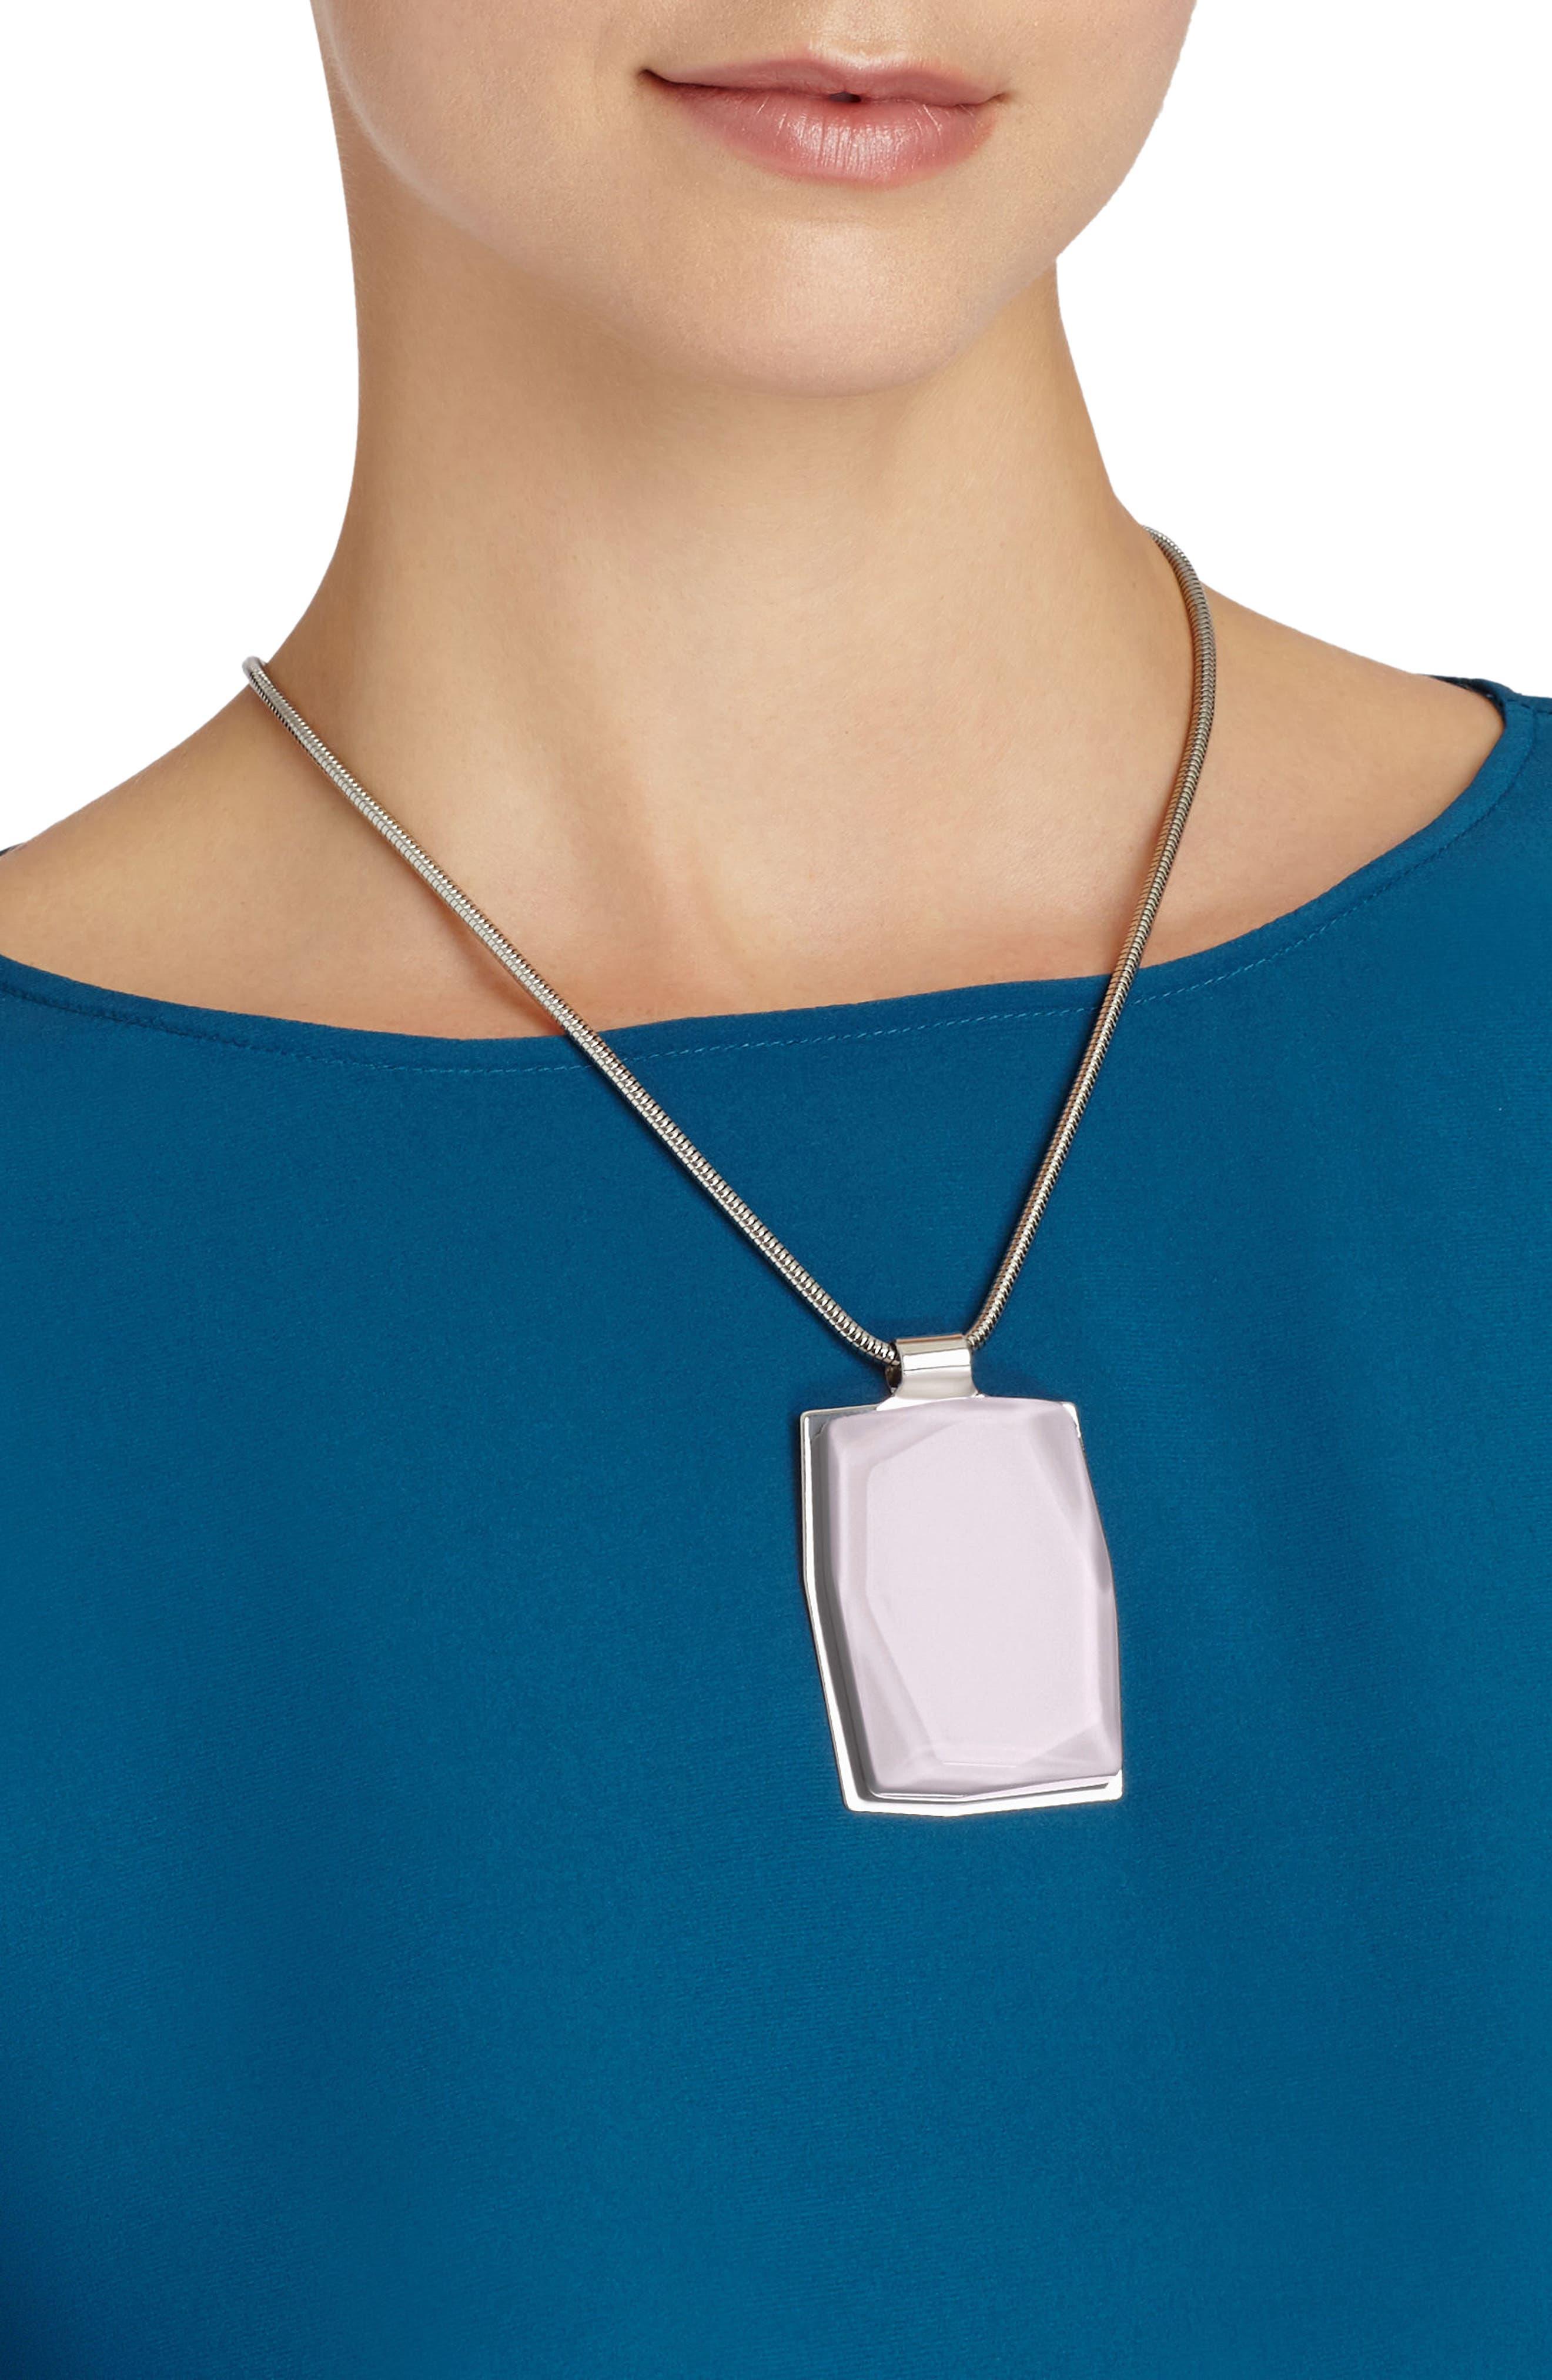 Faceted Pendant Drop Necklace,                             Main thumbnail 1, color,                             500